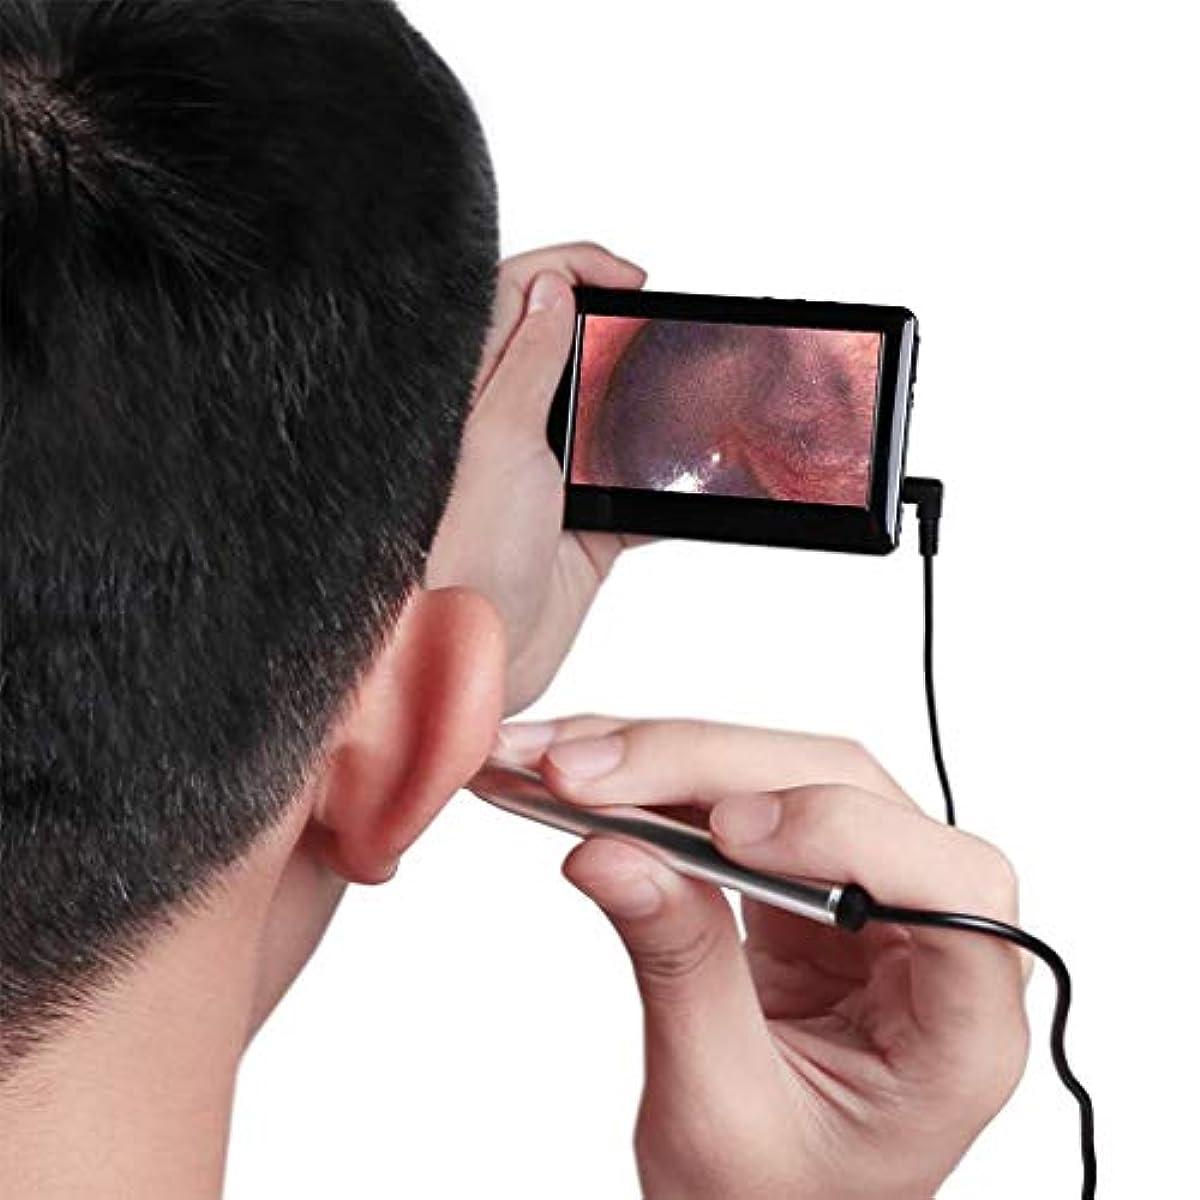 洪水頼む合金耳の検査カメラUSB Otoscope(4.3インチディスプレイ付き)耳用スコープ(6 LED耳クリーニング内視鏡プラグアンドプレイ付き)